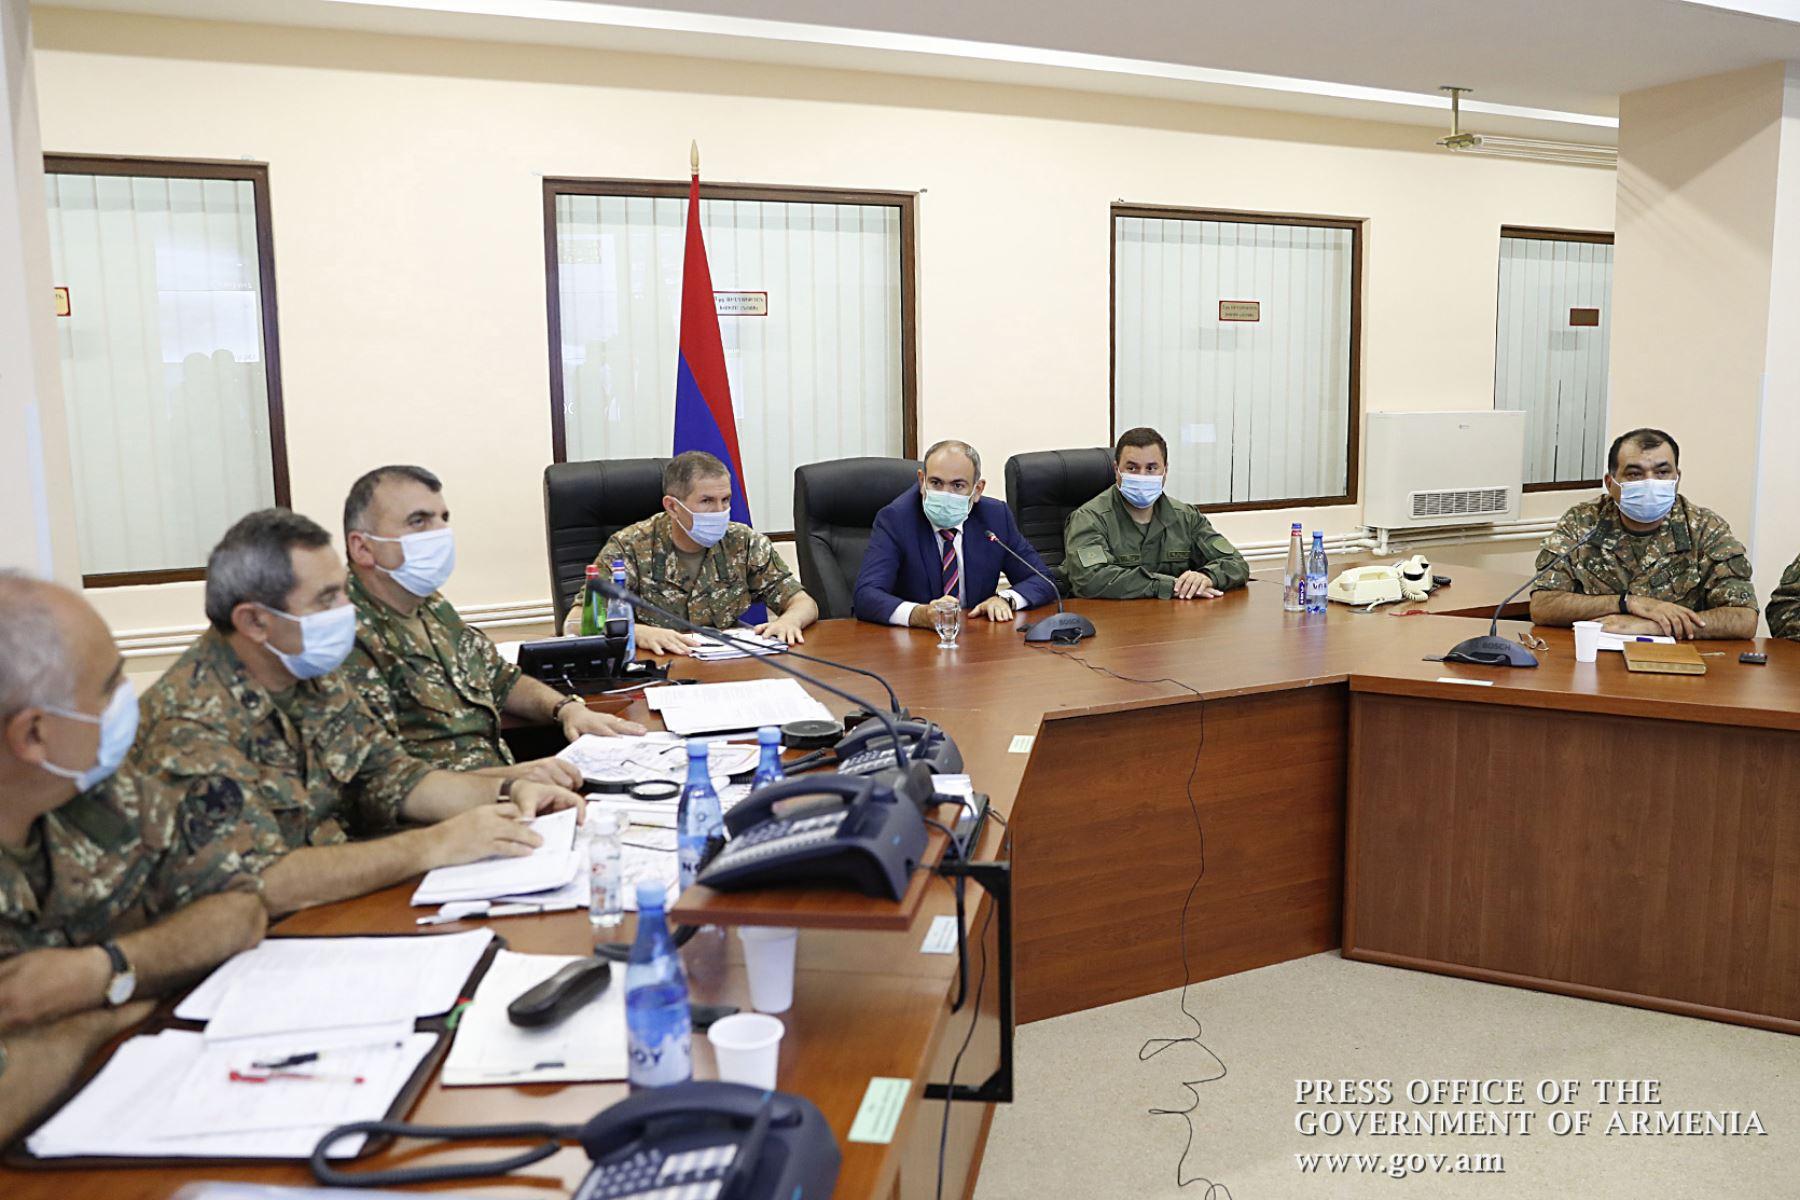 El primer ministro armenio, Nikol Pashinyan, se reúne con altos funcionarios militares en Ereván . Los archienemigos de Armenia y Azerbaiyán se acusaron mutuamente de iniciar enfrentamientos mortales que se cobraron al menos 23 vidas durante una disputa territorial de décadas. Foto: AFP